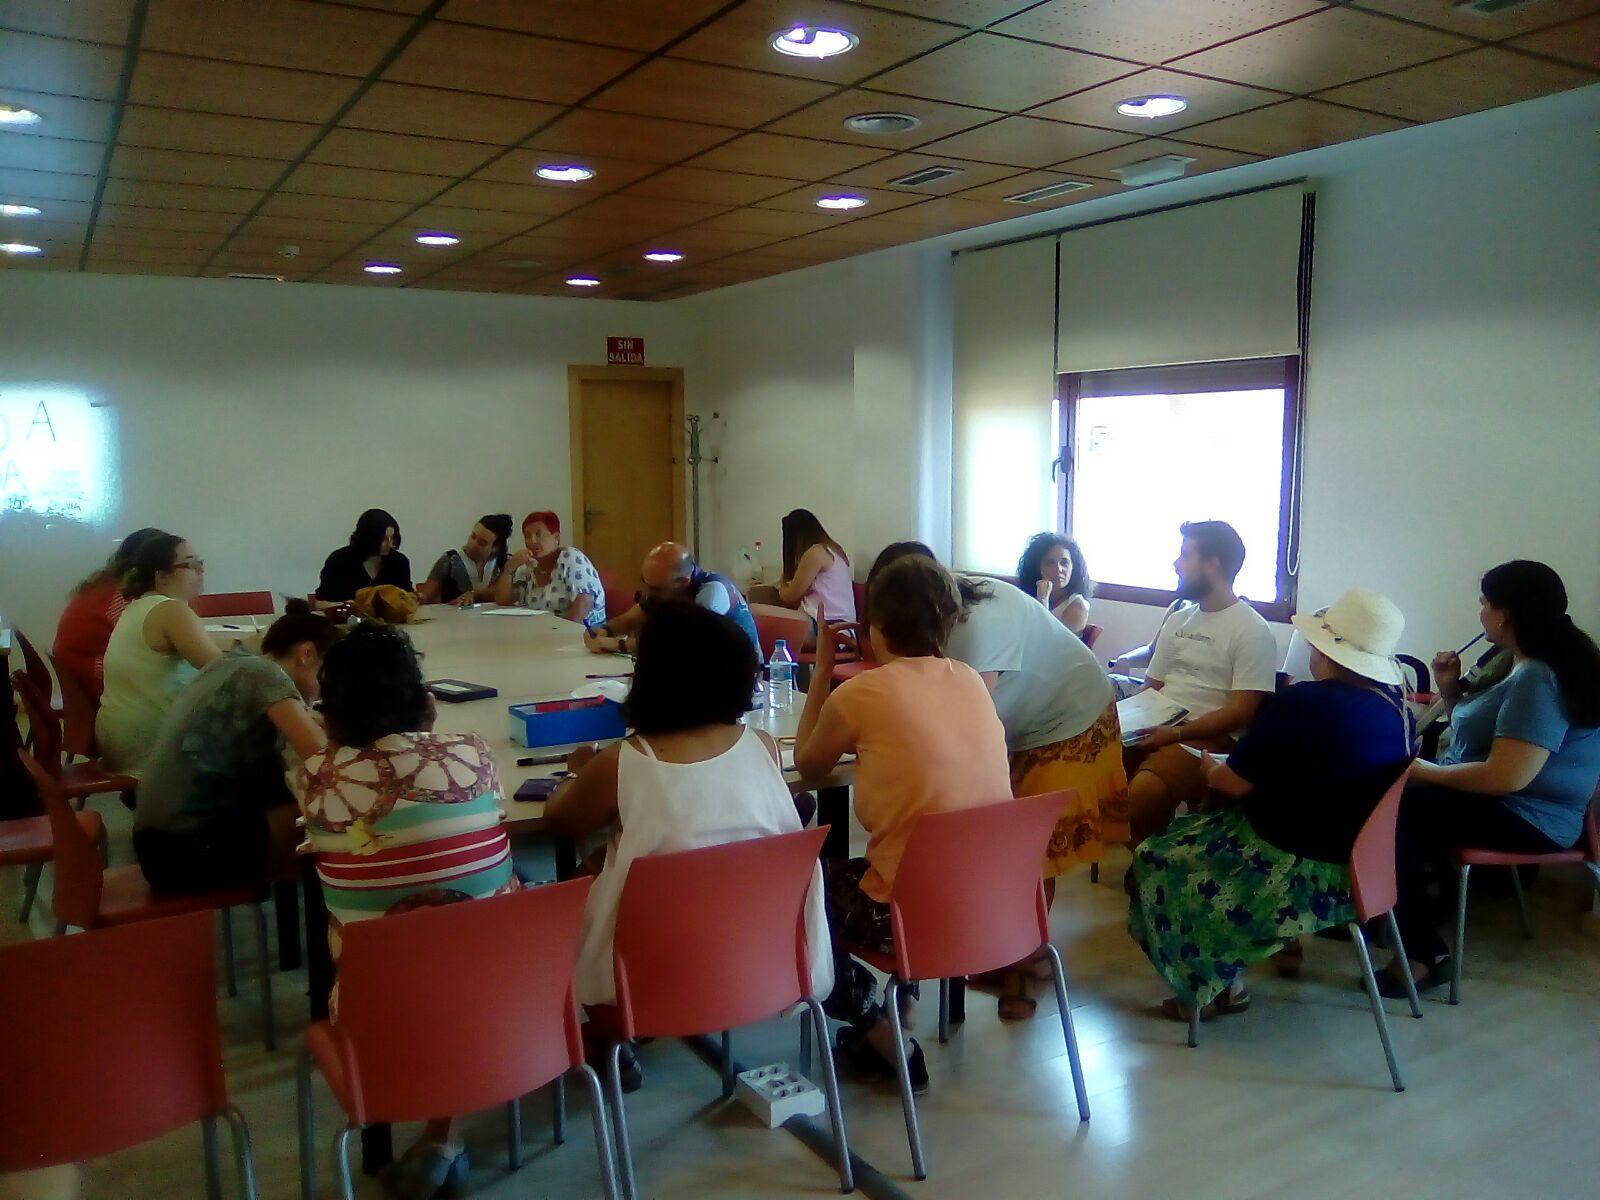 reunión de Acción Poética Vicálvaro en el Centro Social Polivalente